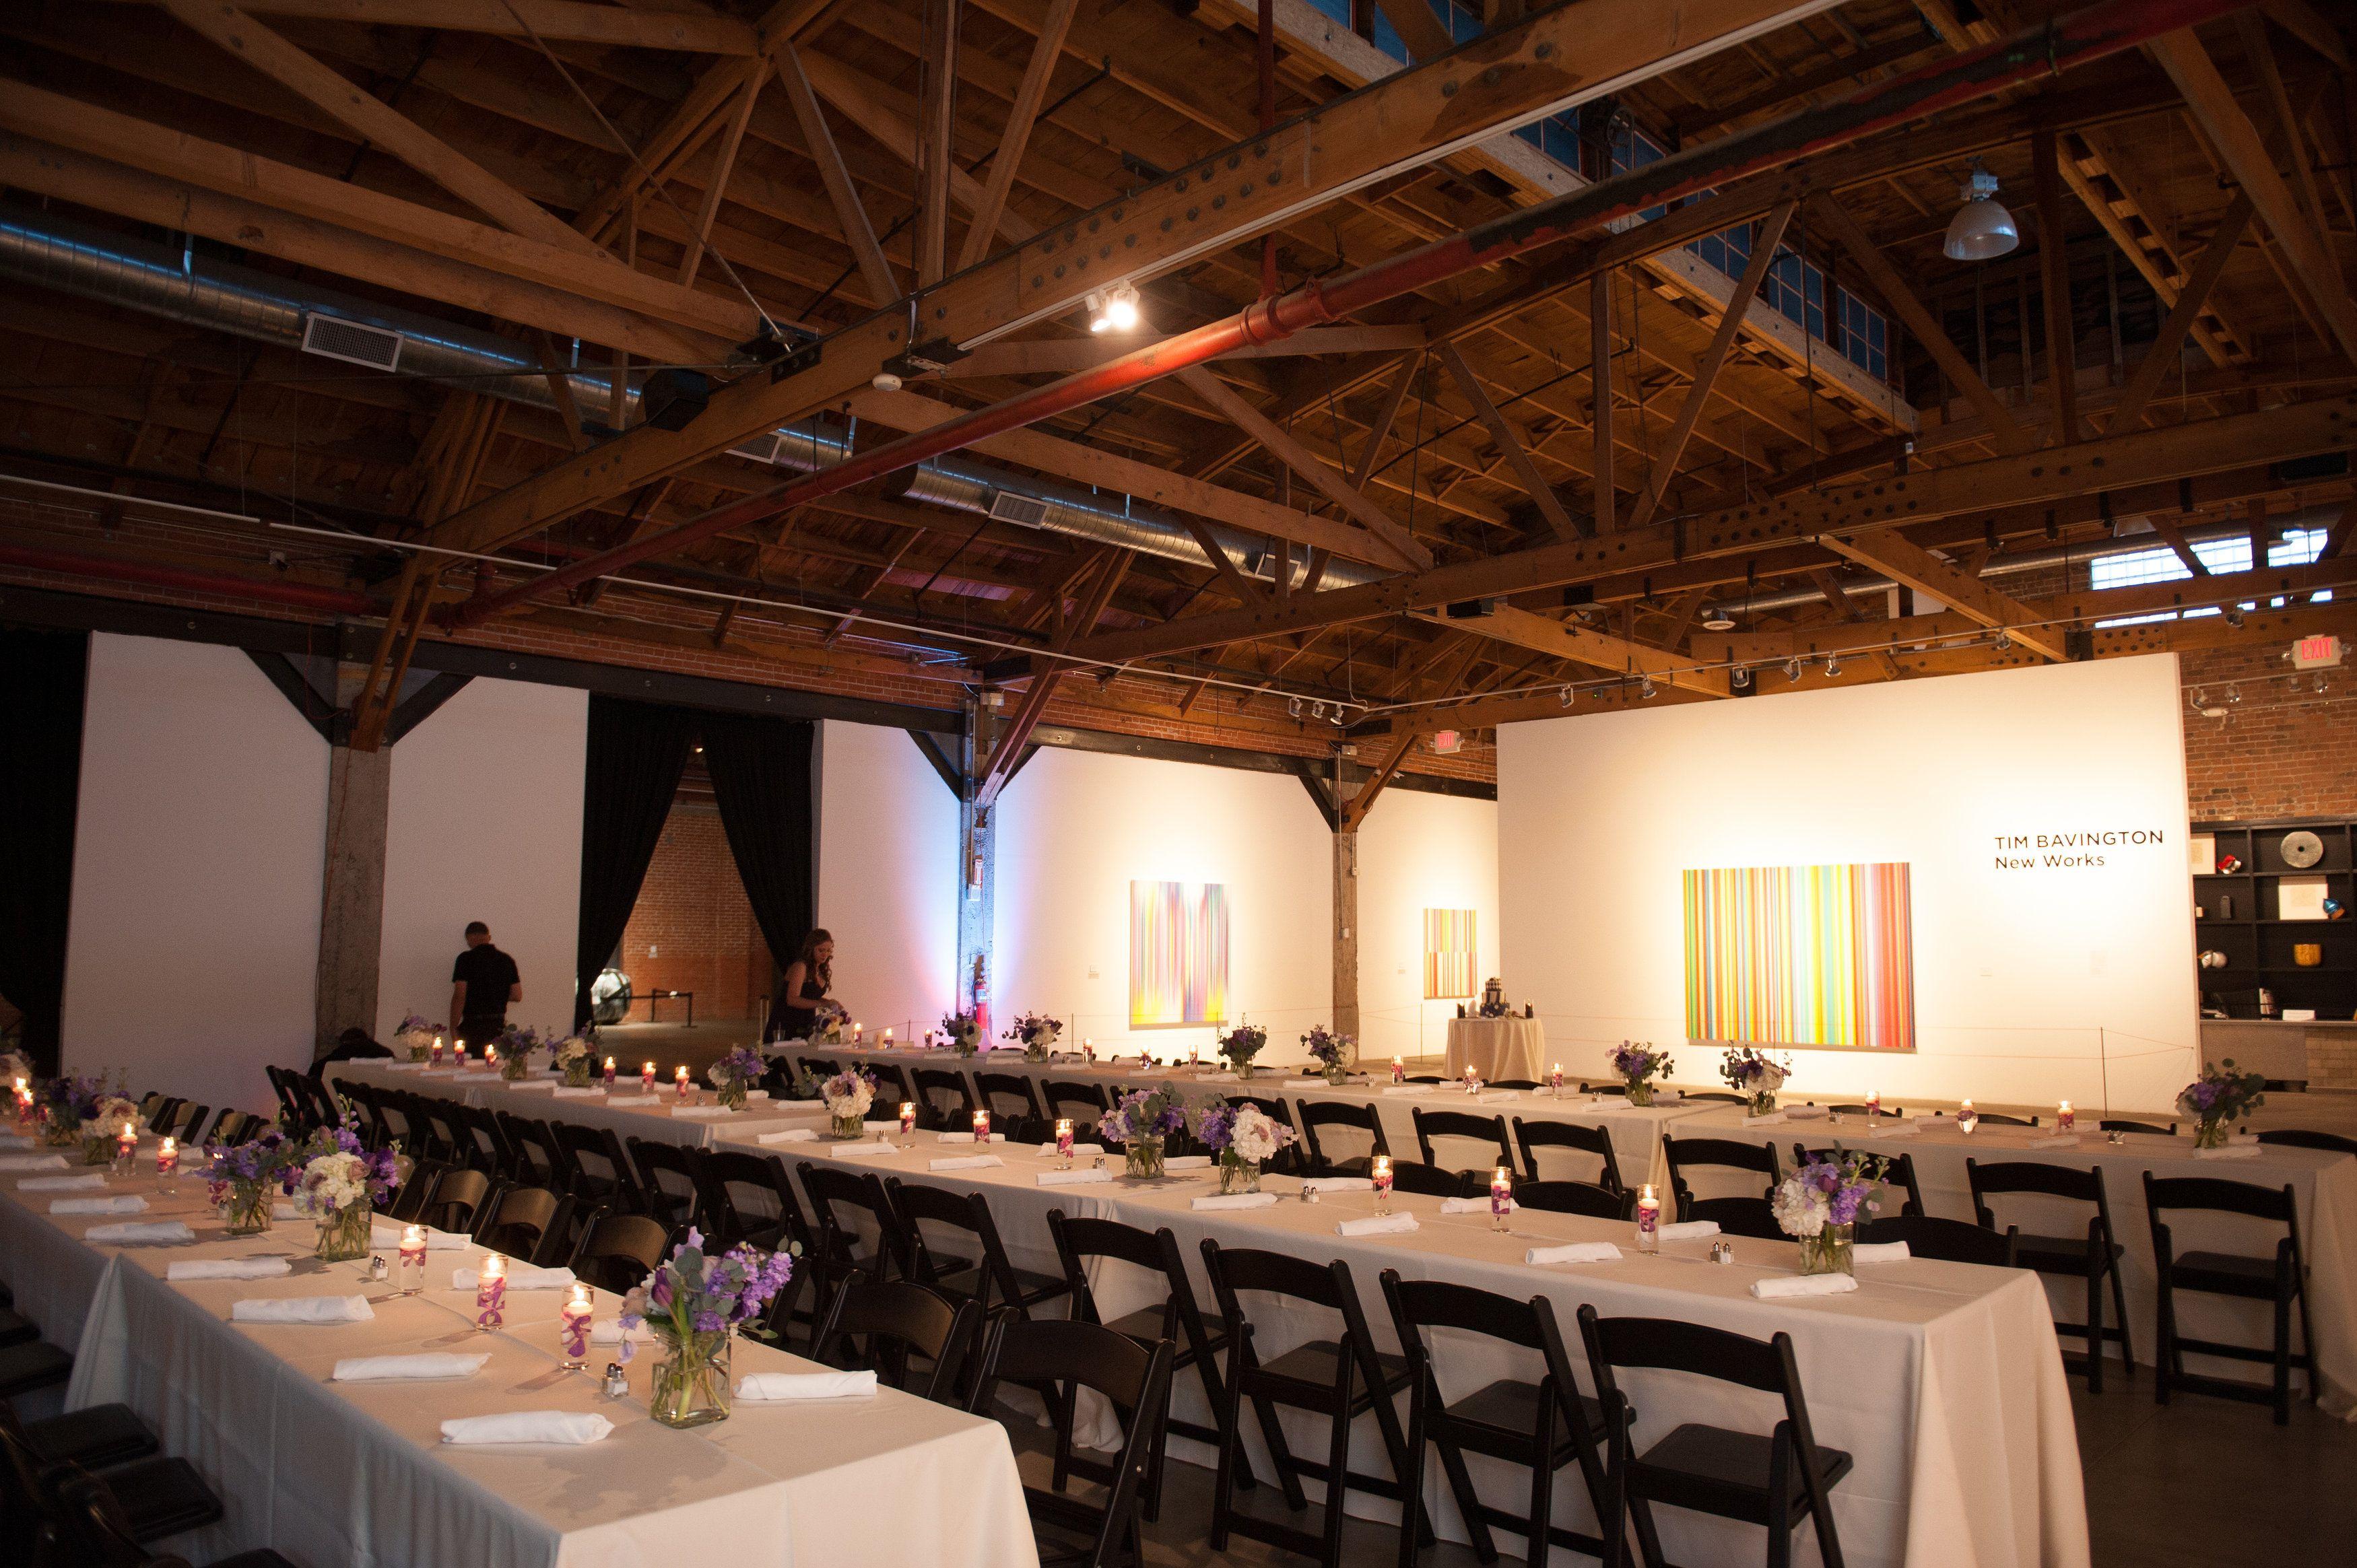 Wedding Tables Bentleywedding Downtownphoenixvenues Warehouse215 Weddingvenue Rustic Unique Urban Warehouse Event Venues Venue Rental Wedding Chairs